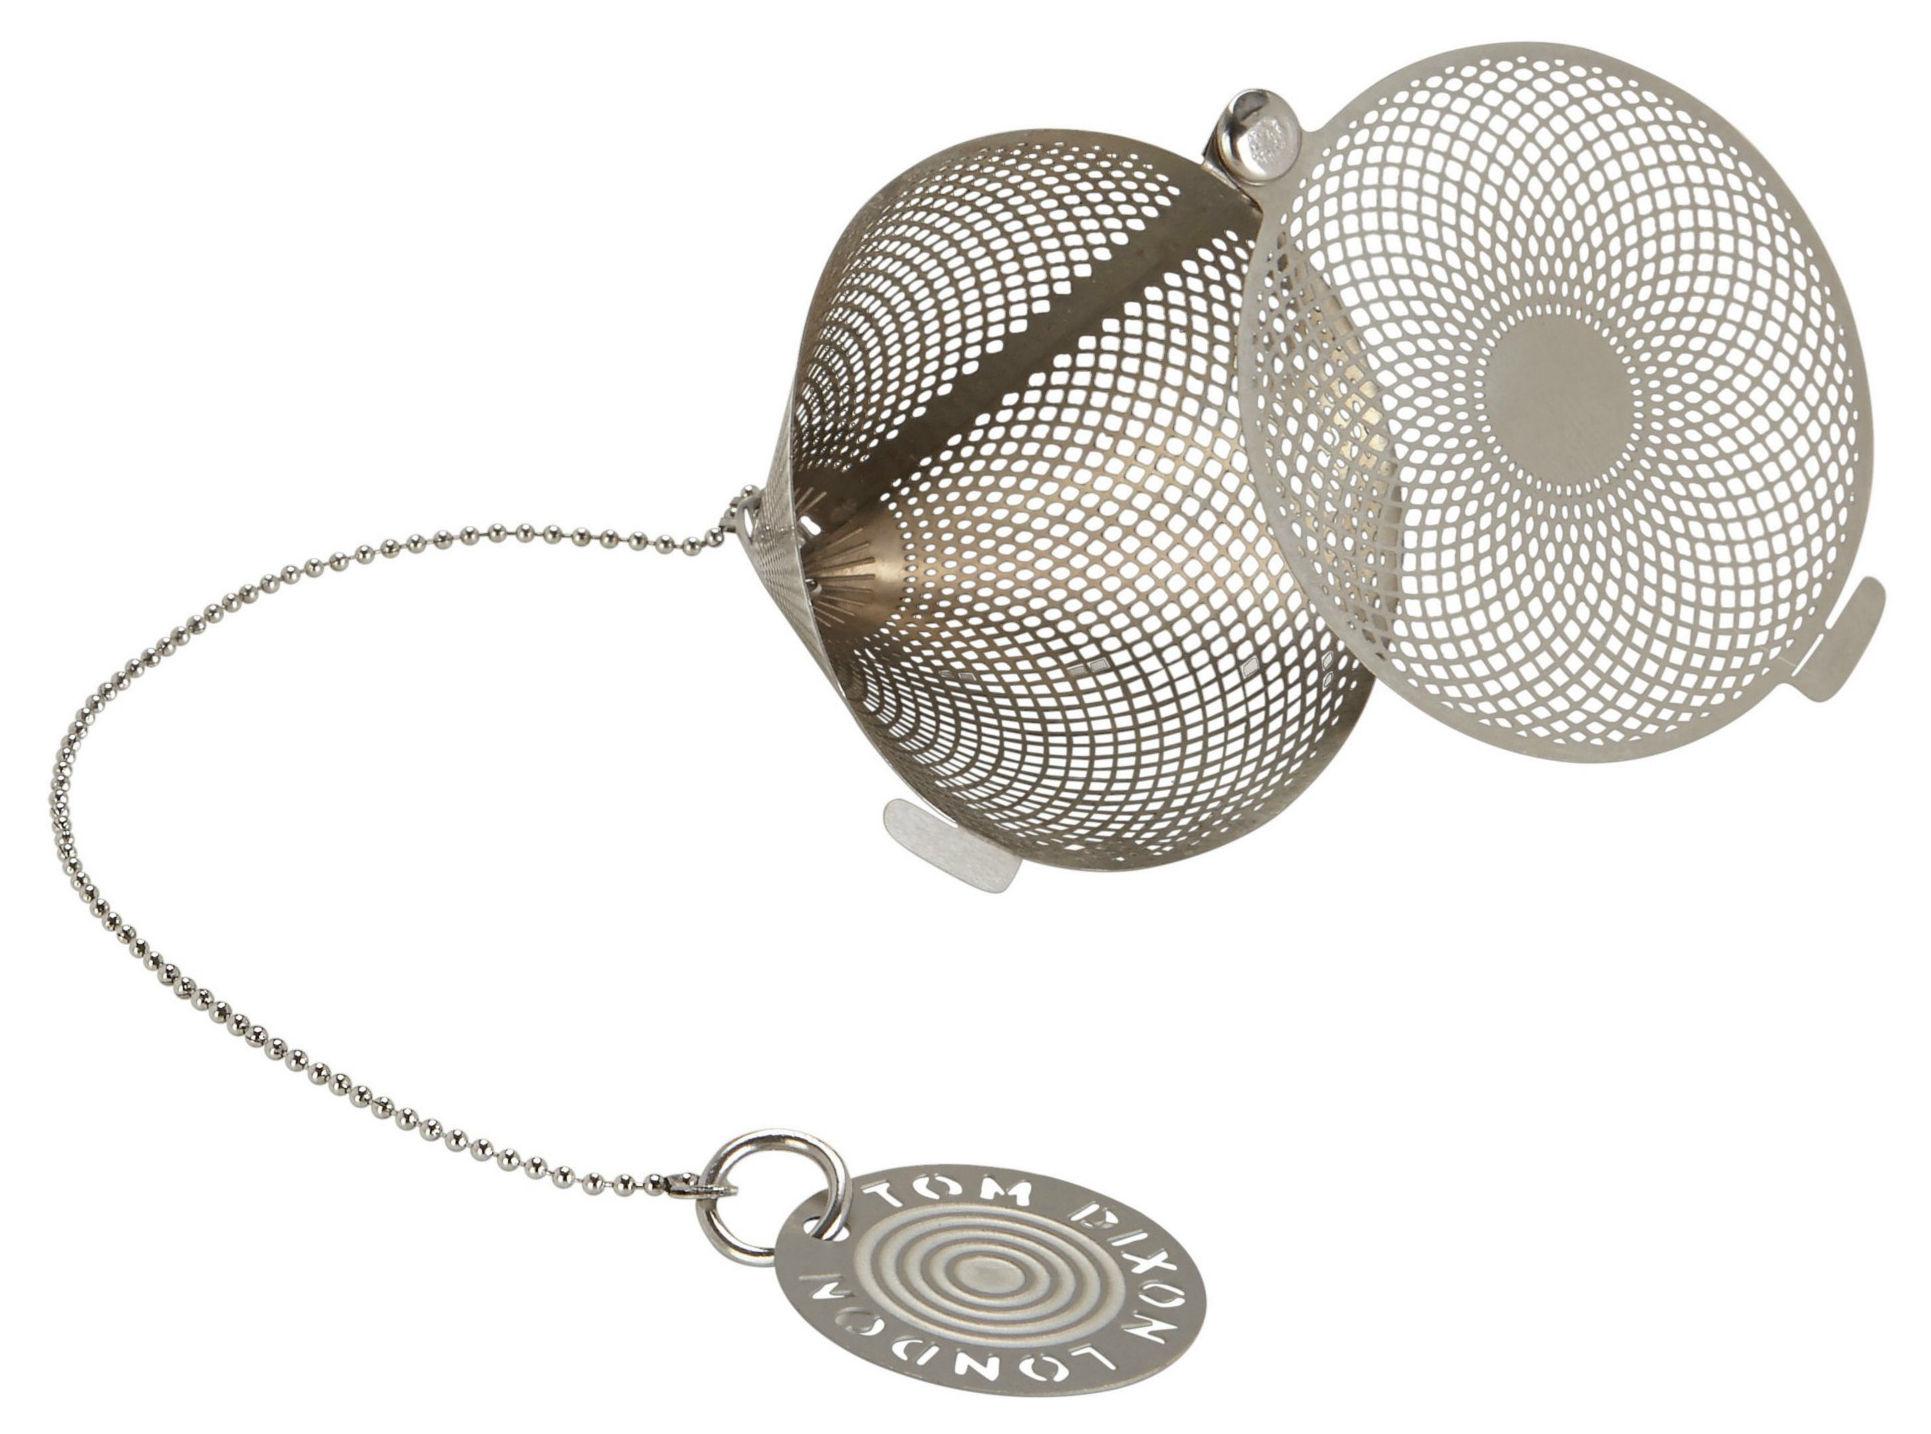 Tischkultur - Tee und Kaffee - Etch The clipper Teekugel - Tom Dixon - Stahl - rostfreier Stahl